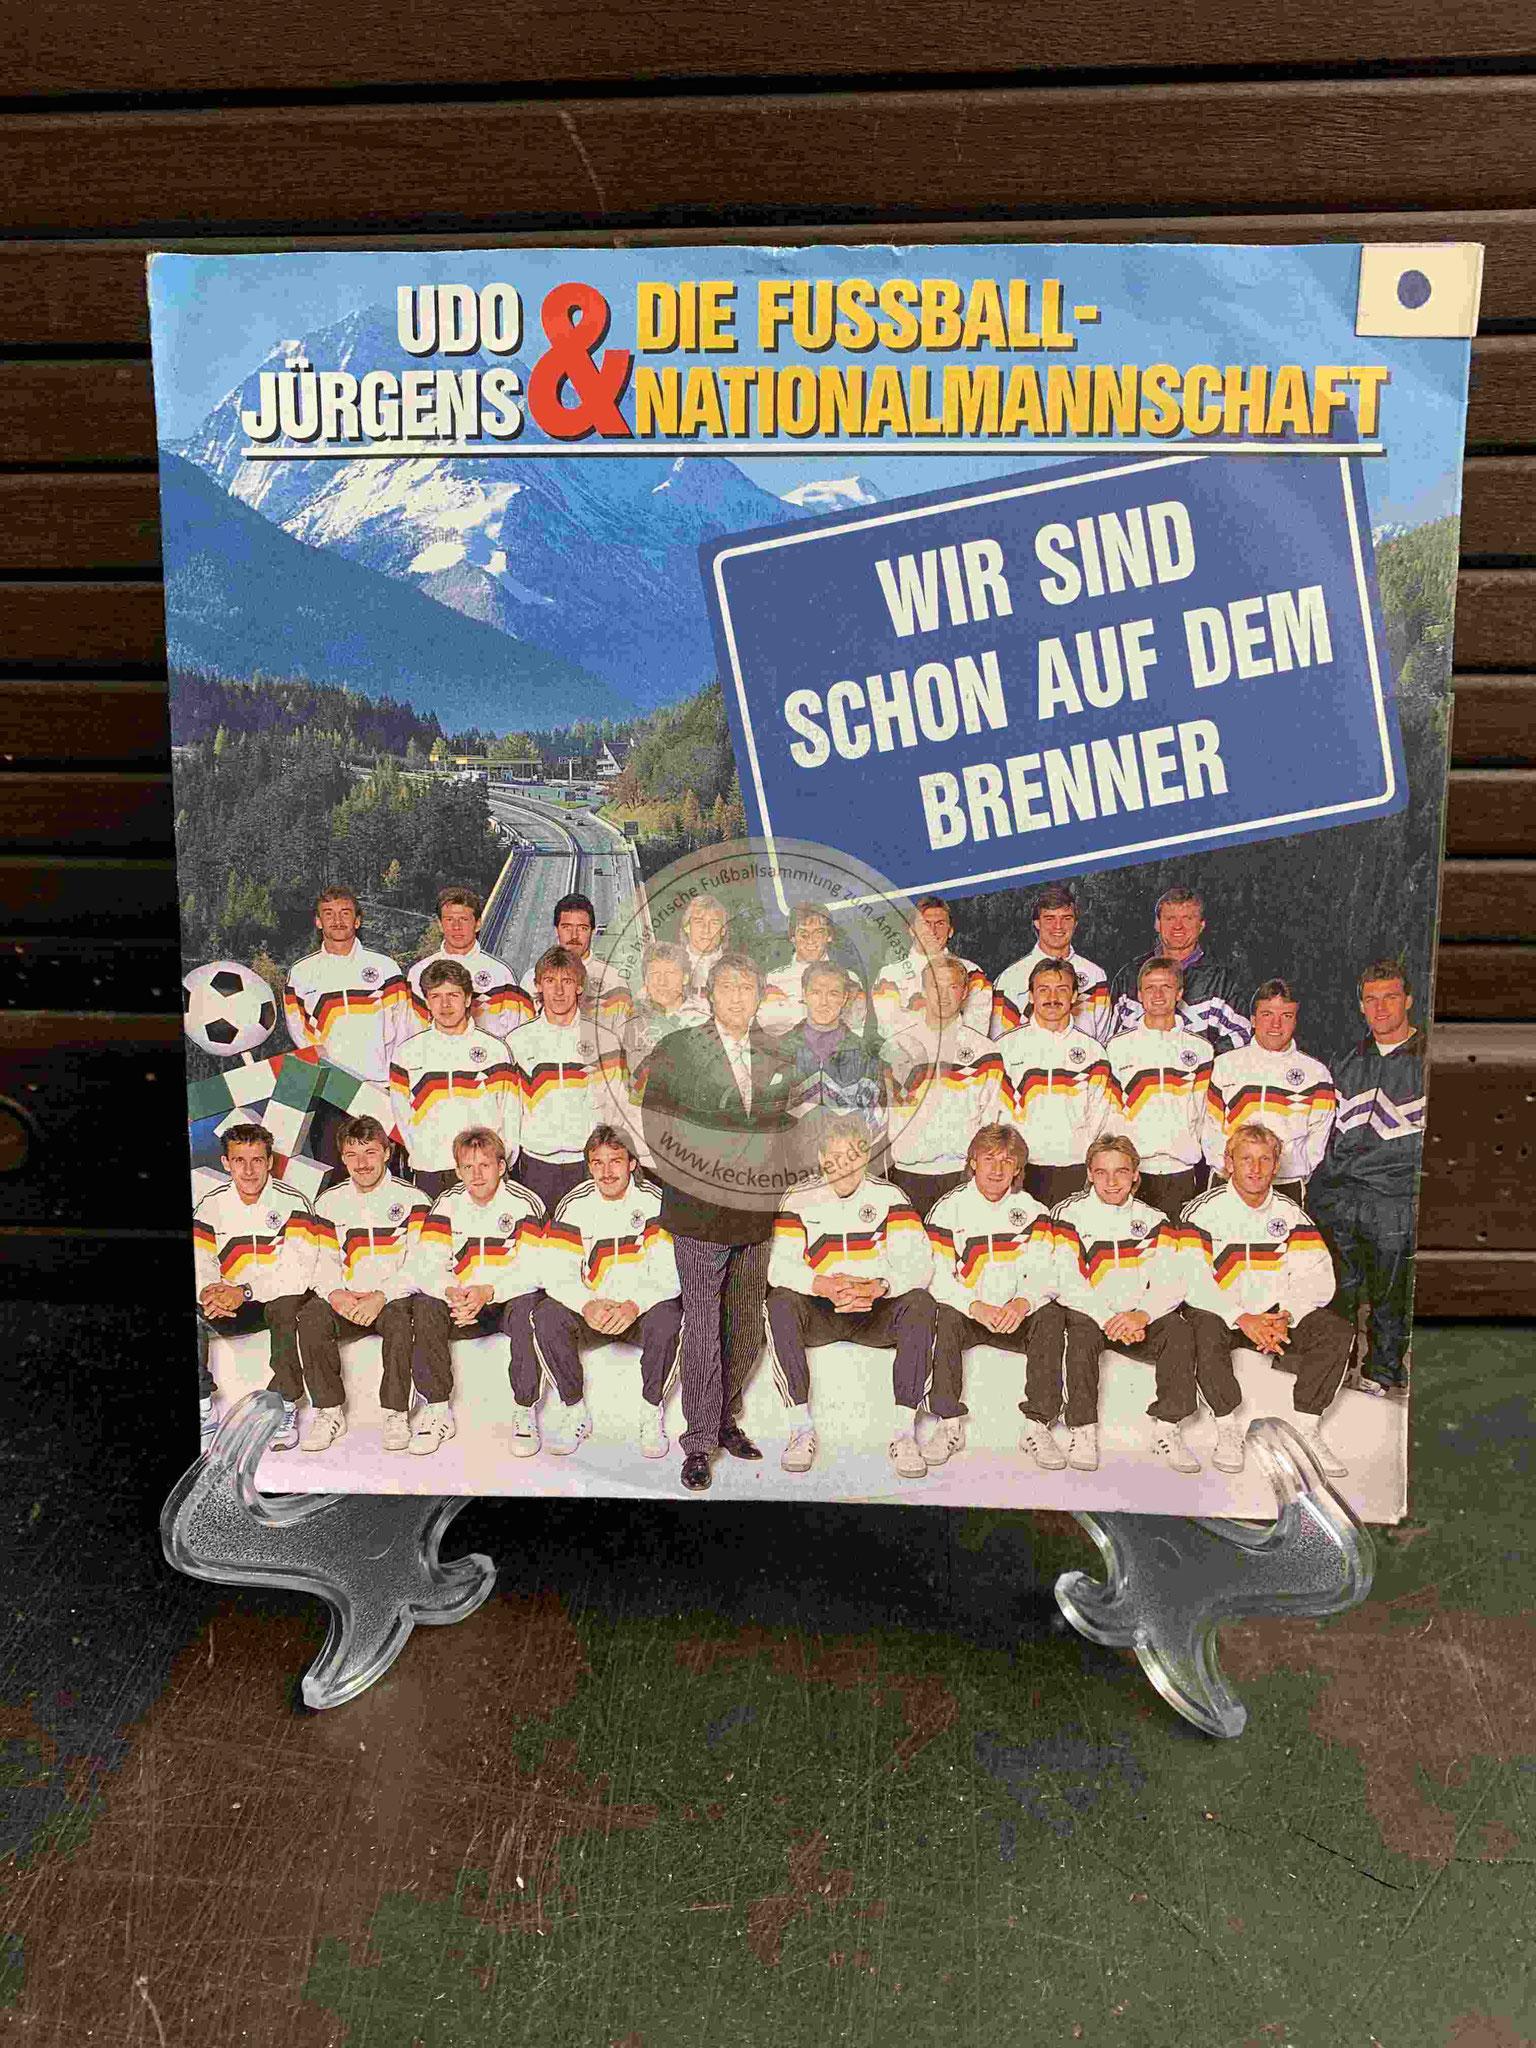 """1990 Platte von Udo Jürgens und der Fußballnationalmannschaft mit """"Wir sind schon auf dem Brenner"""""""